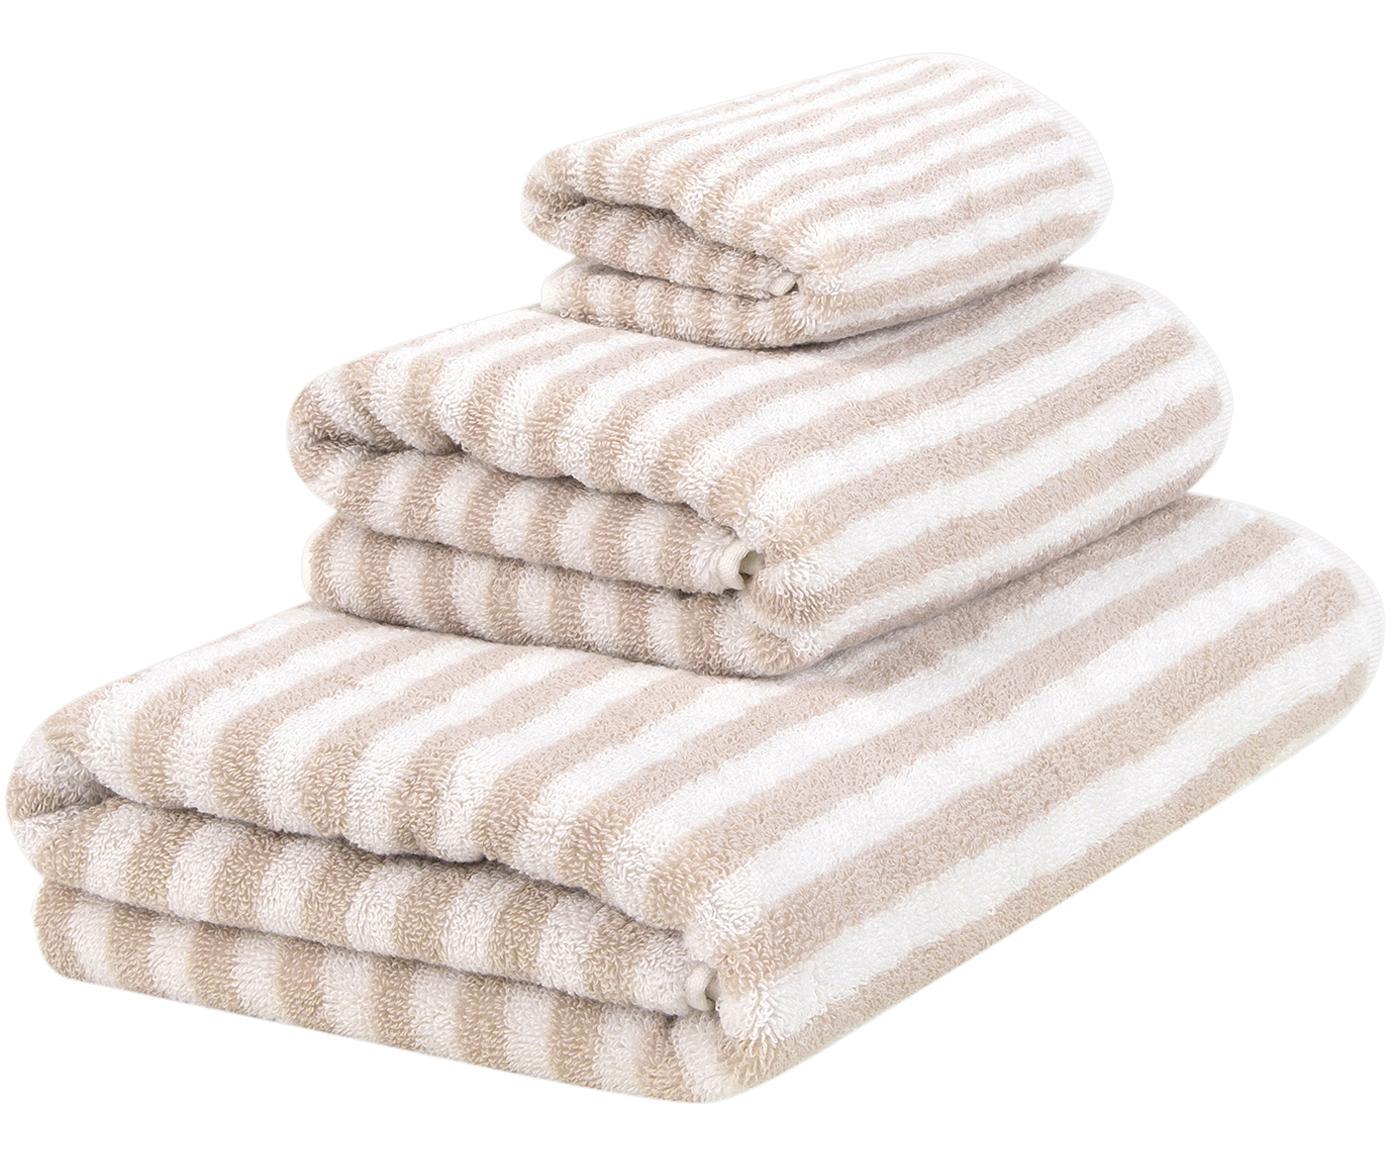 Set de toallas Viola, 3pzas., Color arena, blanco crema, Tamaños diferentes